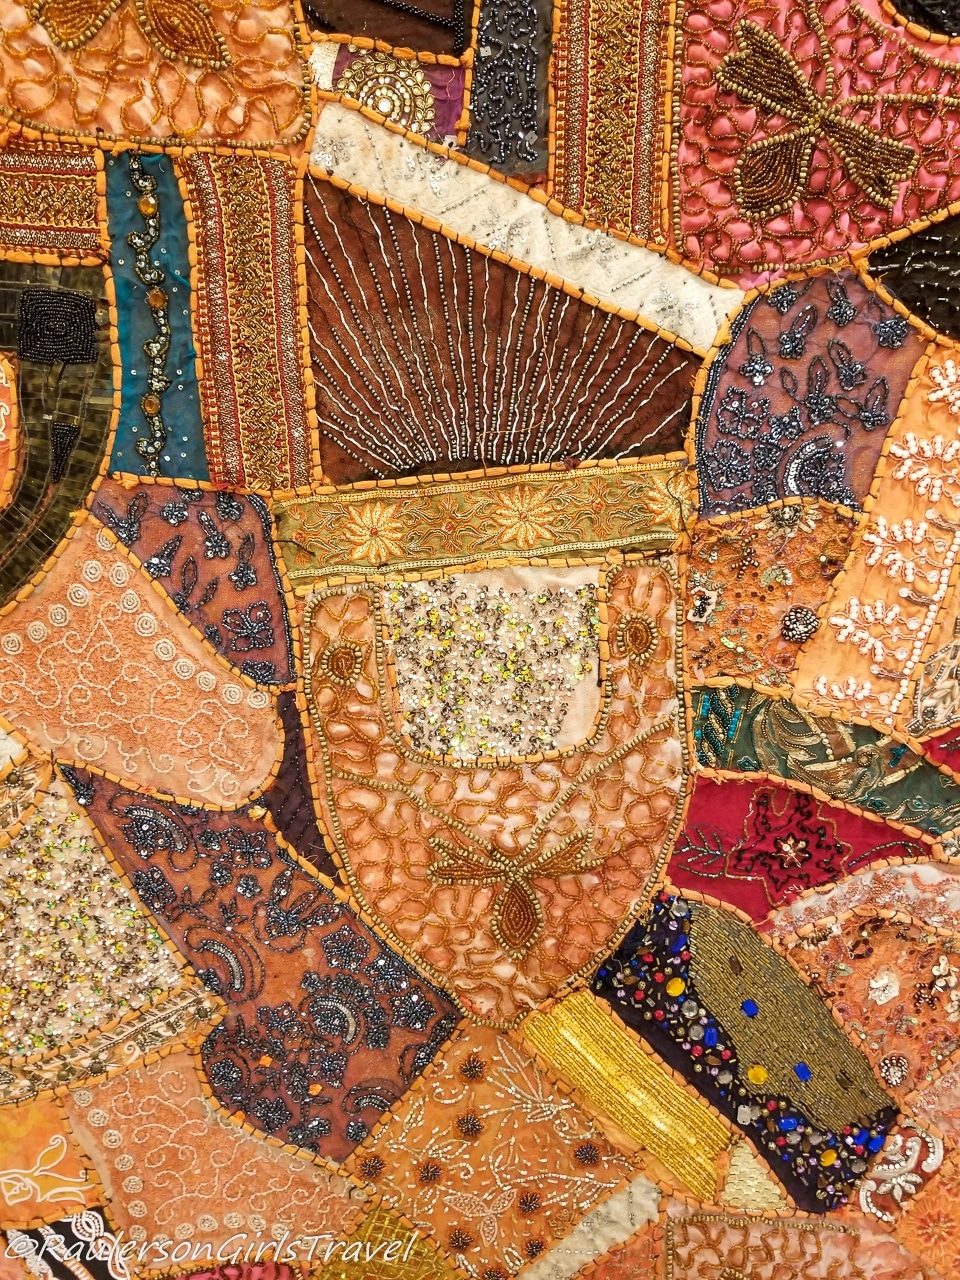 close-up of a kashmir blanket at Sabila Kashmir